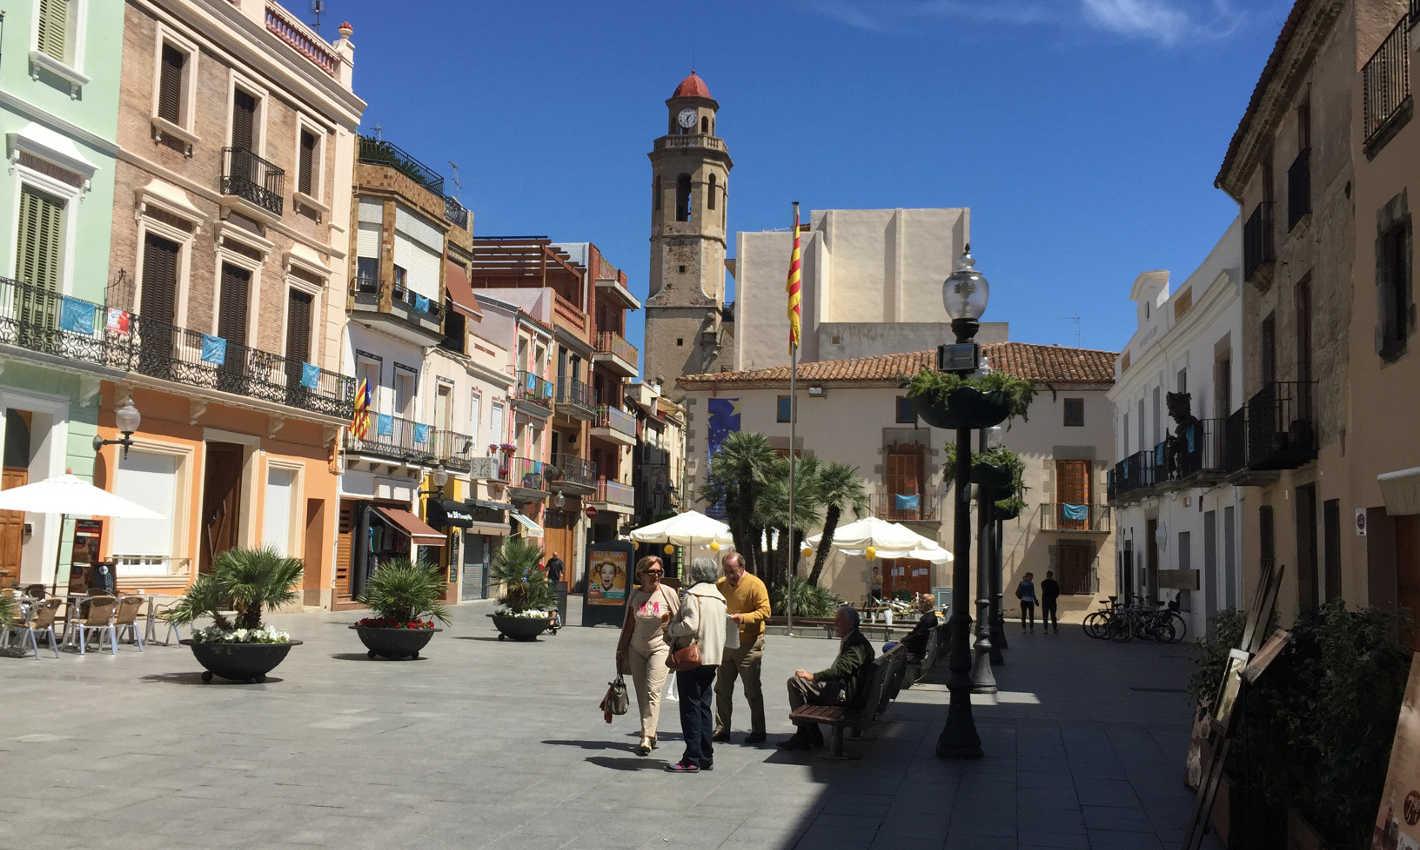 Plaça de l'Ajuntament de Calella